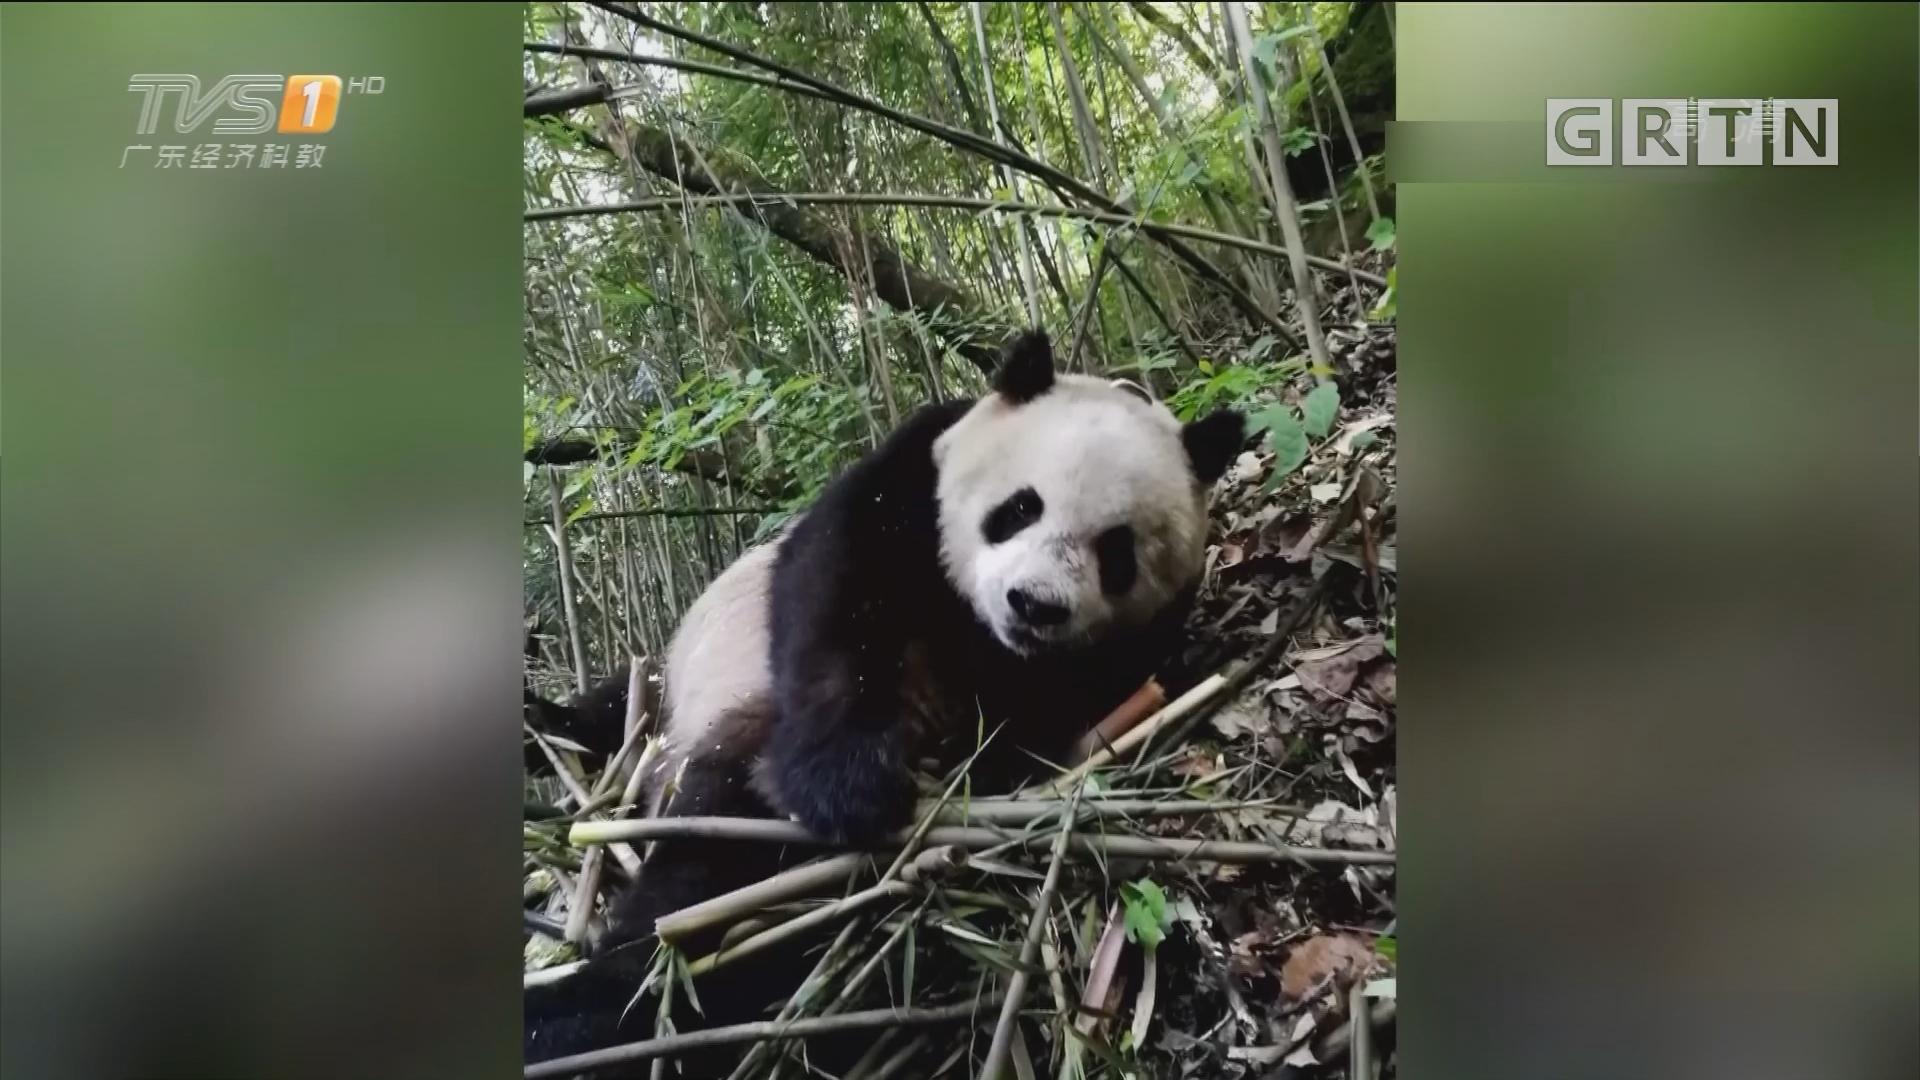 陕西佛坪:游客偶遇悠闲散步野生大熊猫